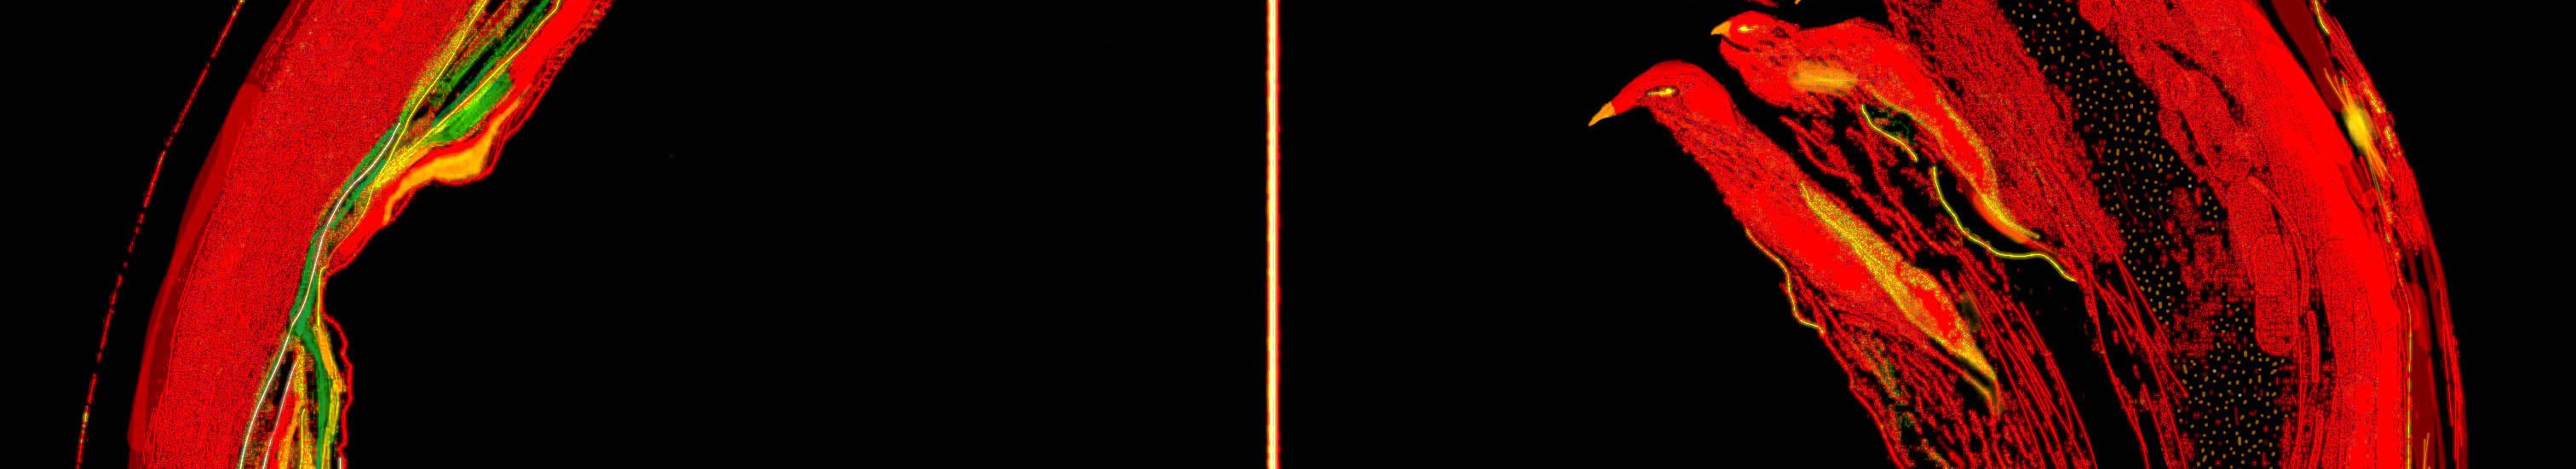 Combustão030520_FimRec